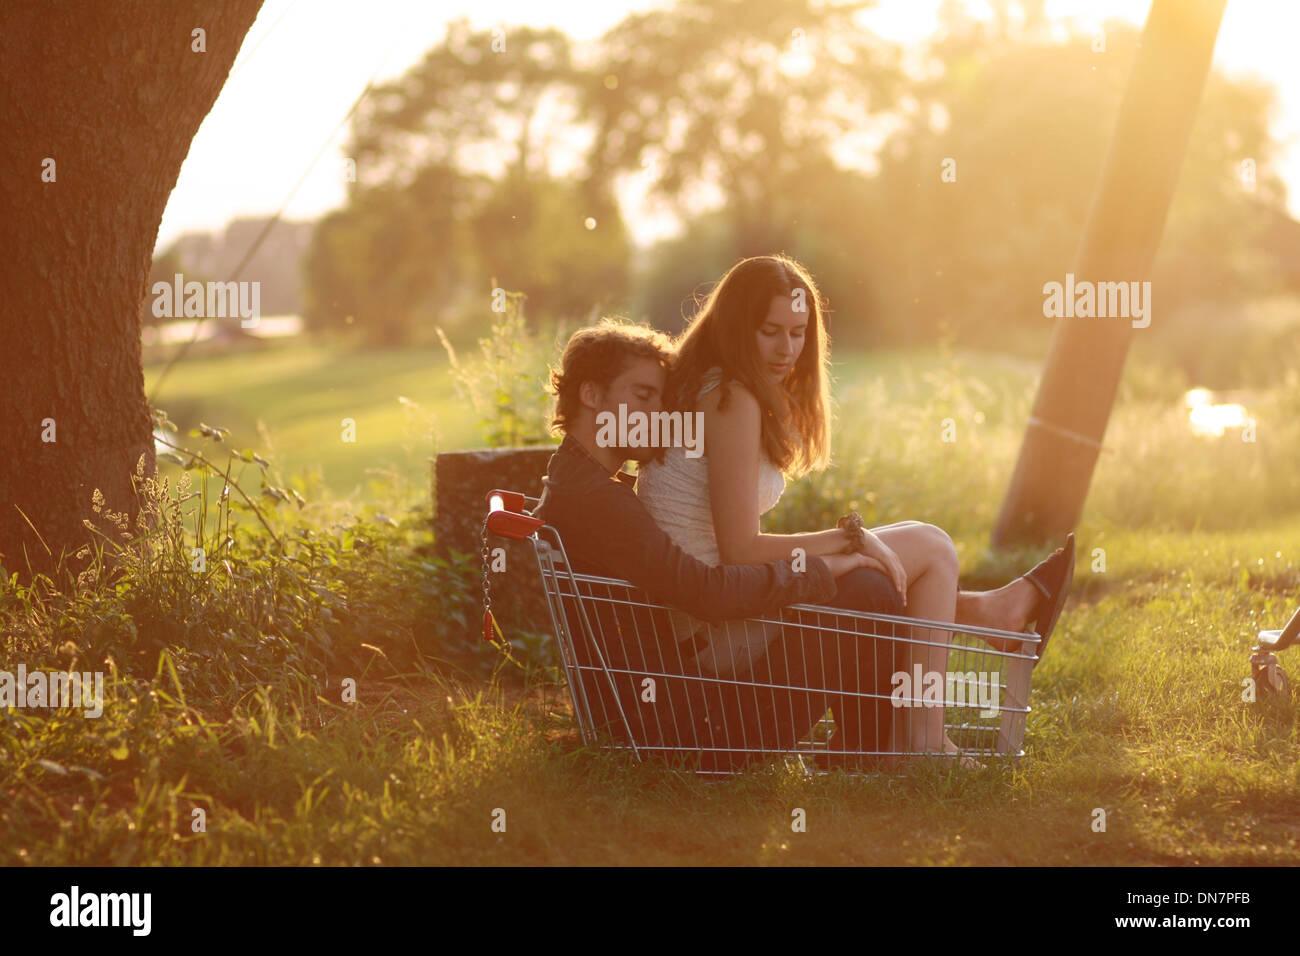 Amare giovane seduto in un carrello in controluce Immagini Stock